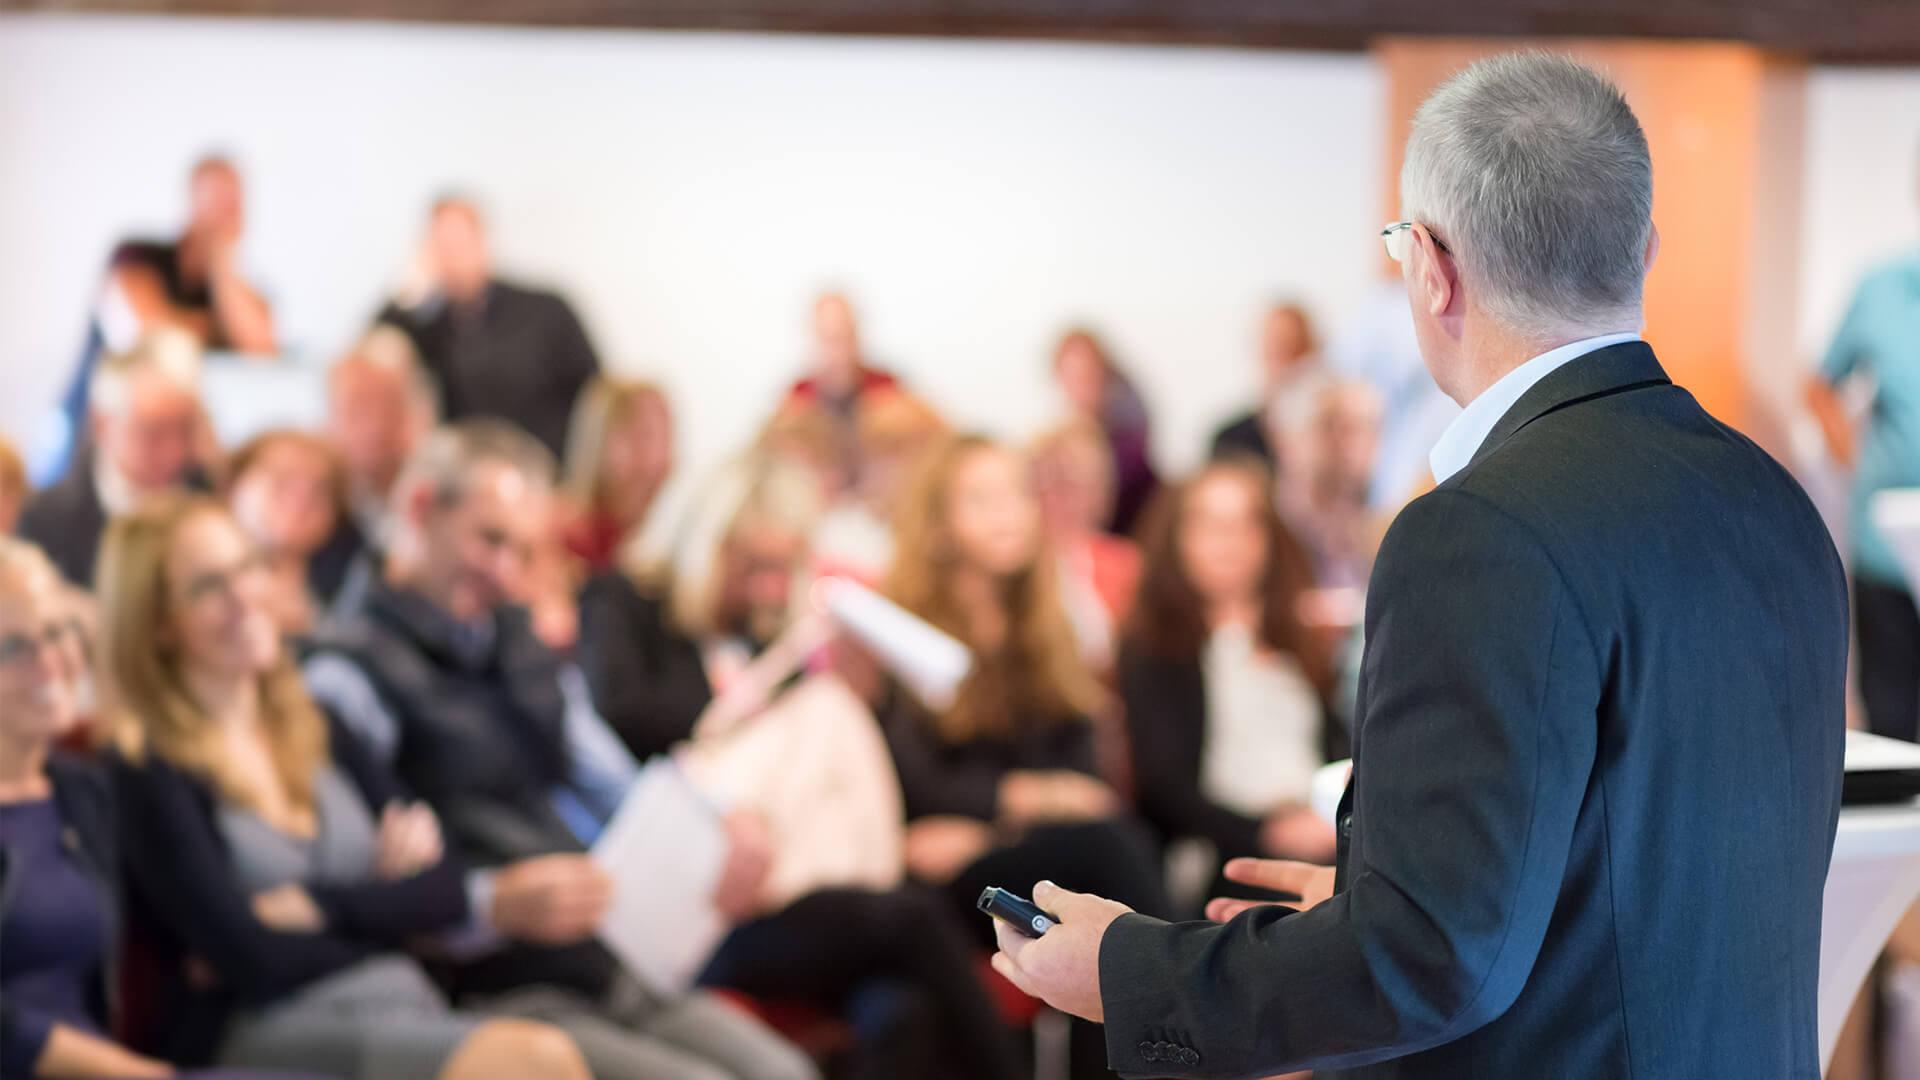 X Konferencja Asocjacji Niewydolności Serca - przedstawiciel prezentujący na konferencji